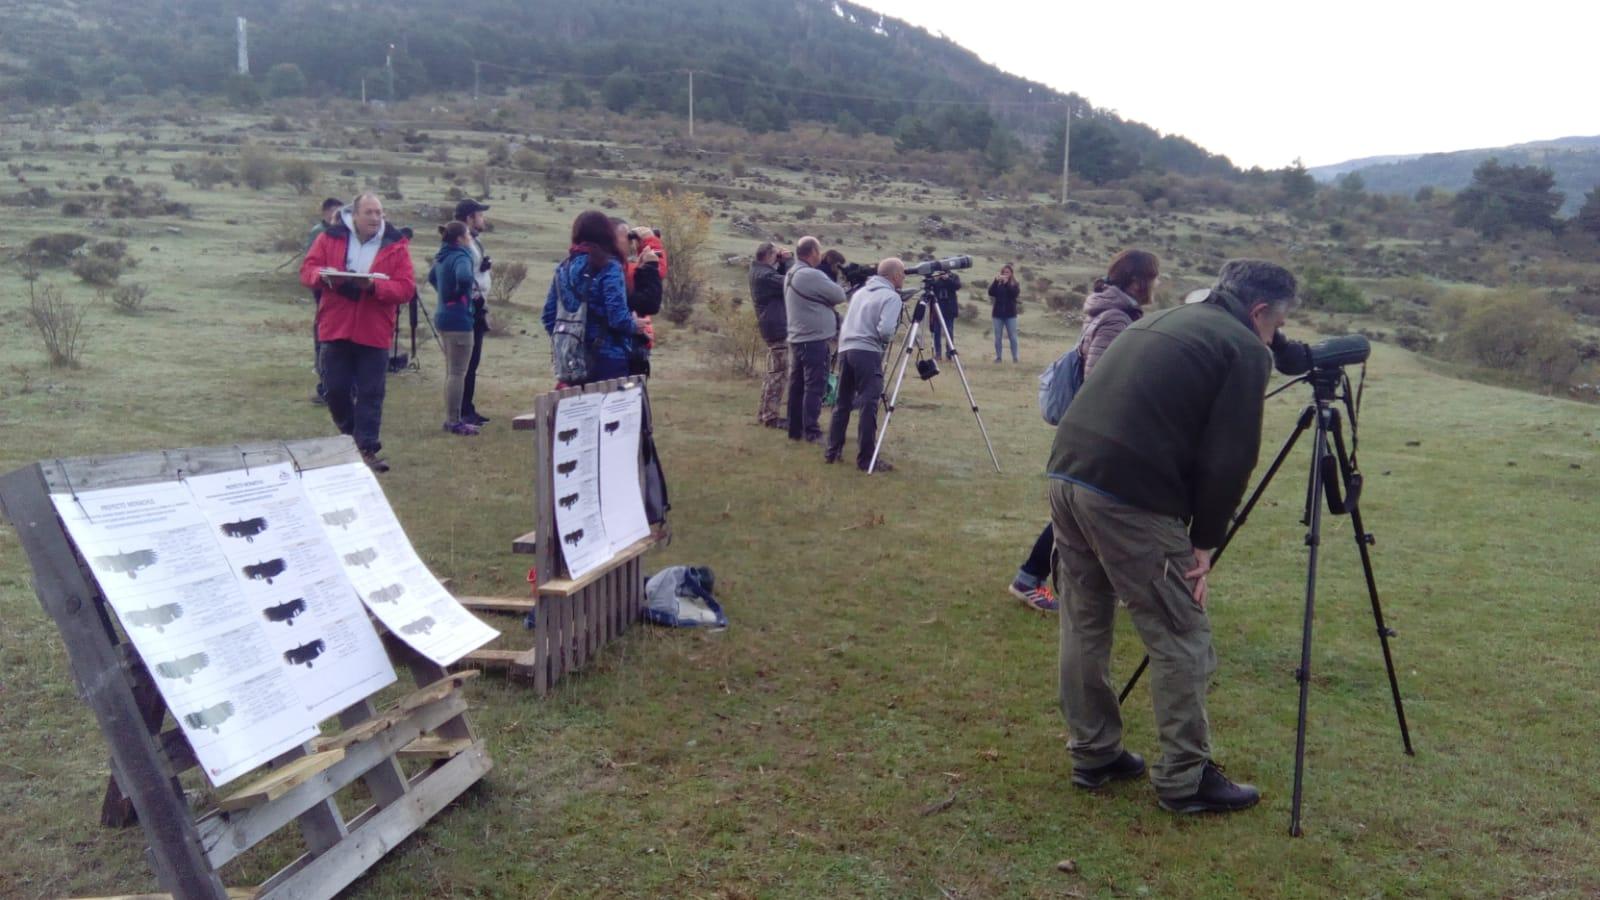 Varias personas observan los movimientos de los buitres negros liberados. Imagen: Grefa